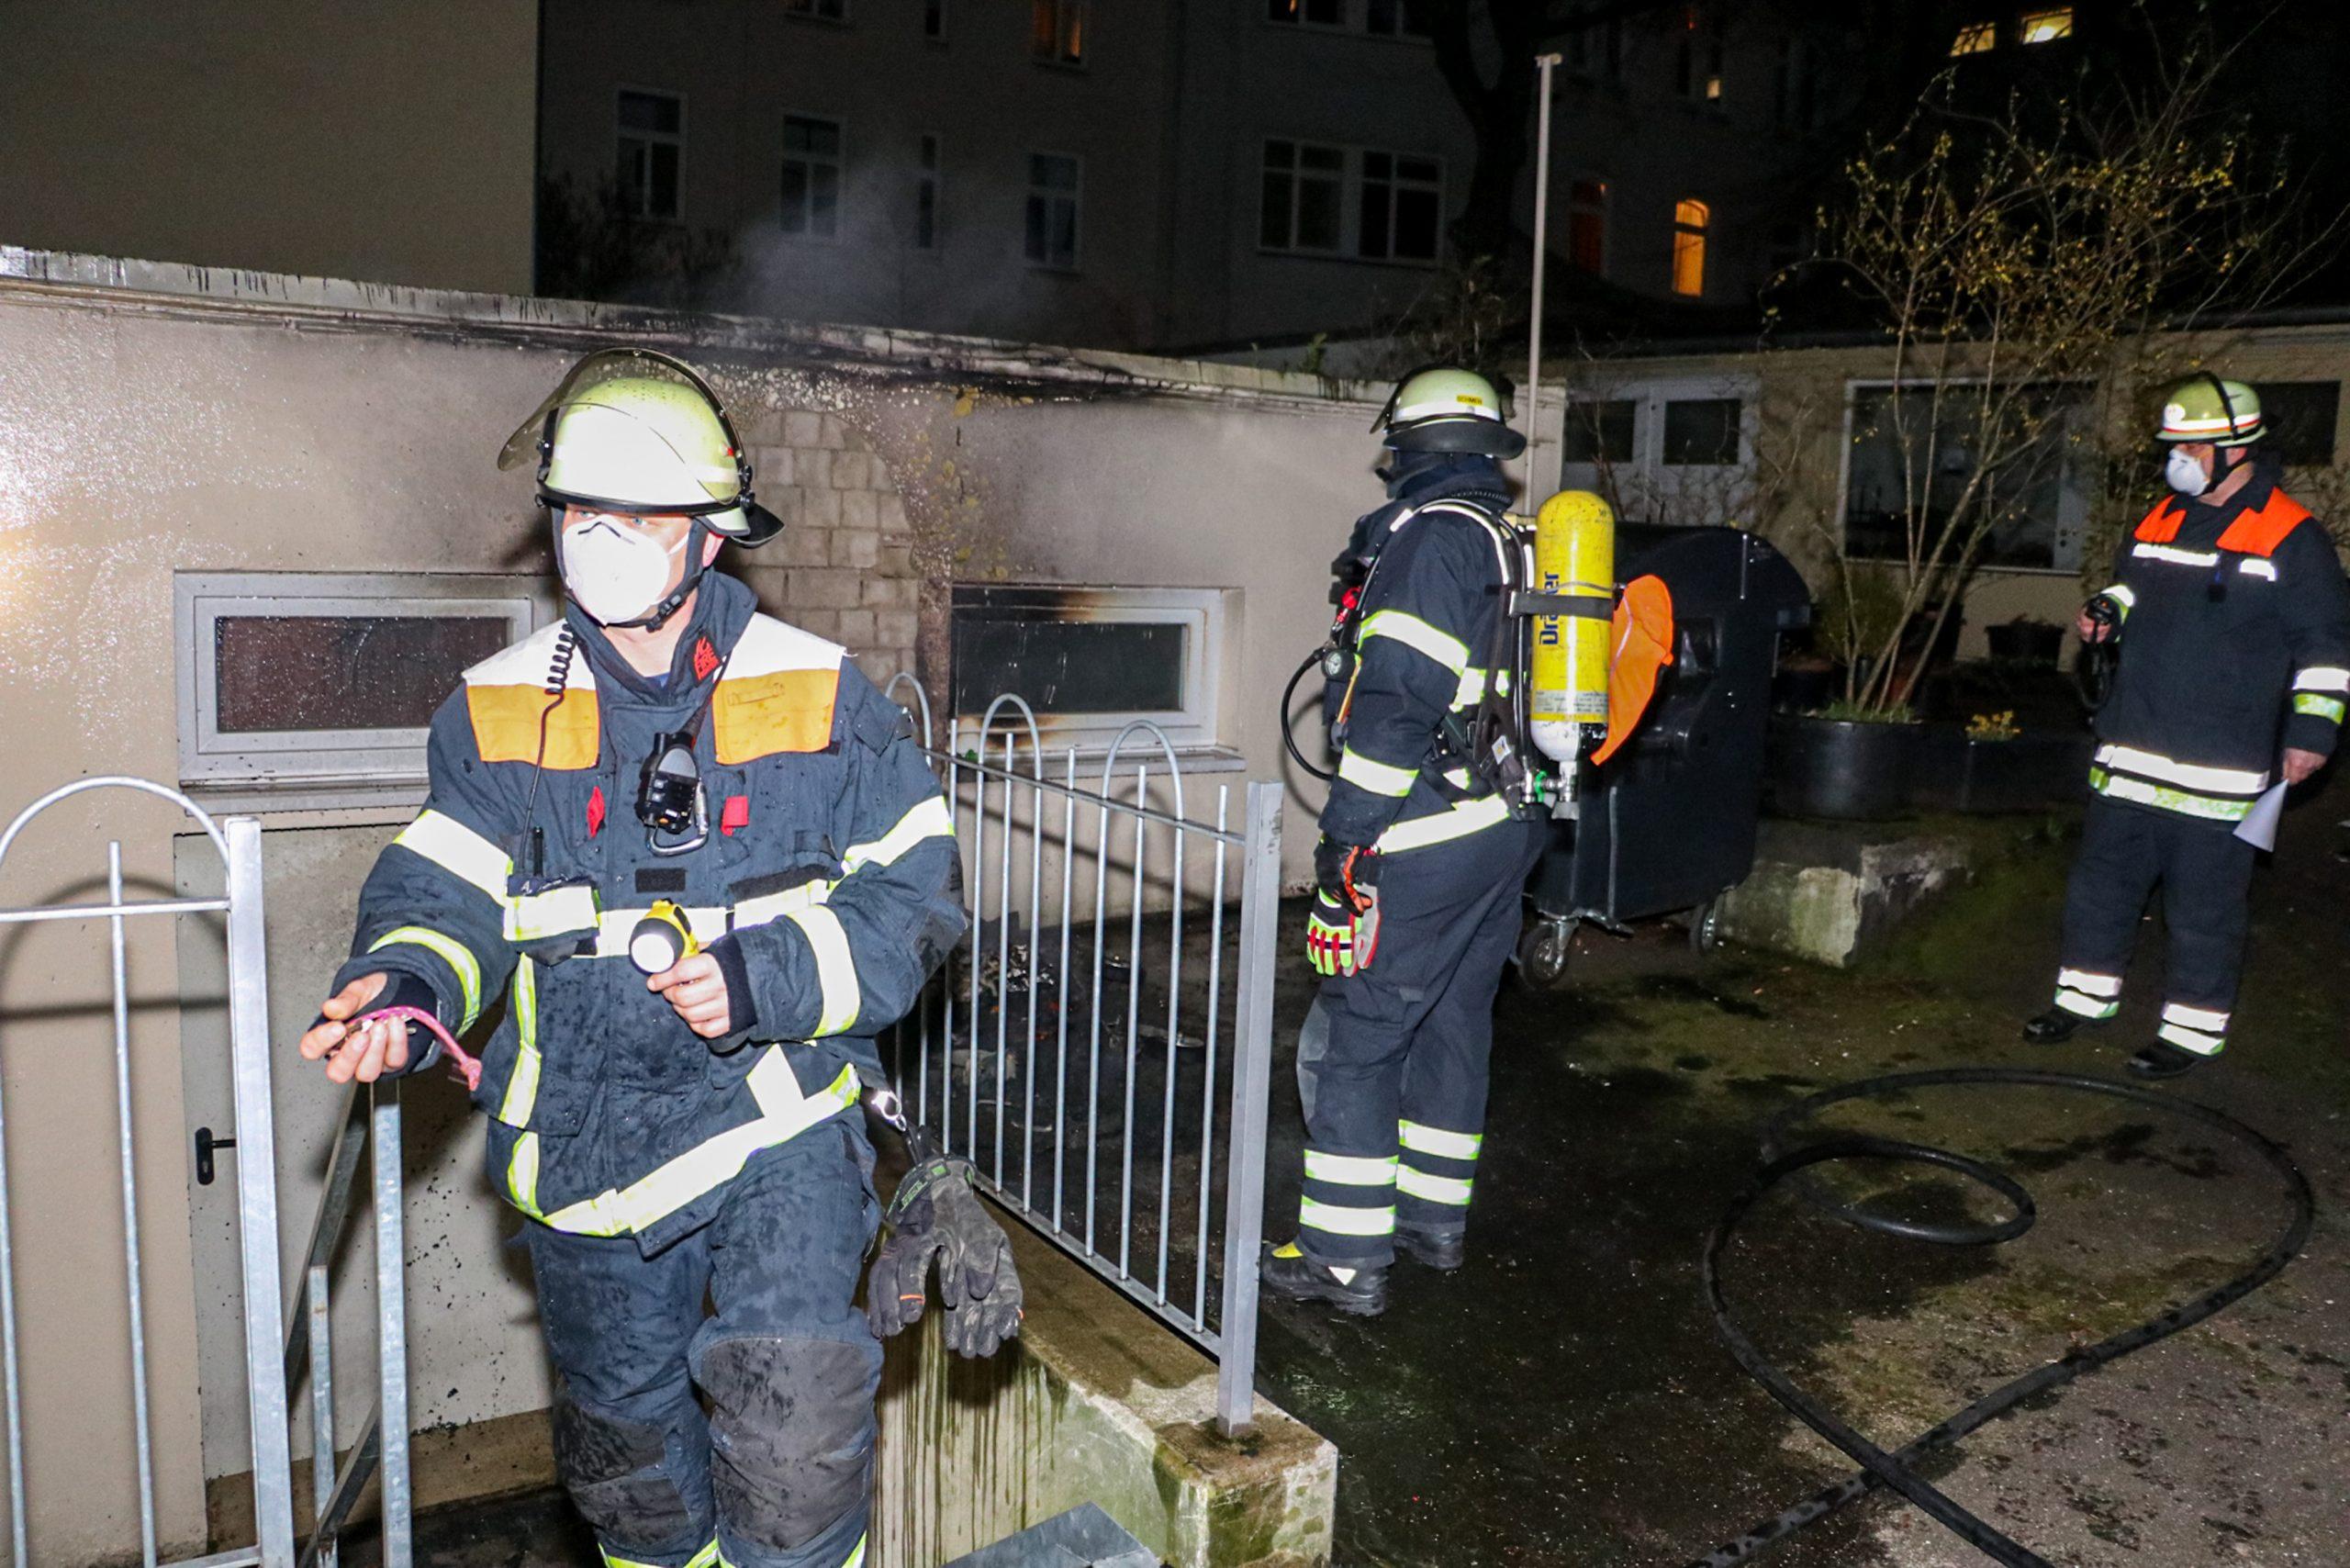 M-lltonne-an-einer-Hauswand-in-Flammen-Feuerwehr-kann-bergreifen-auf-Wohnhaus-nur-knapp-verhindern